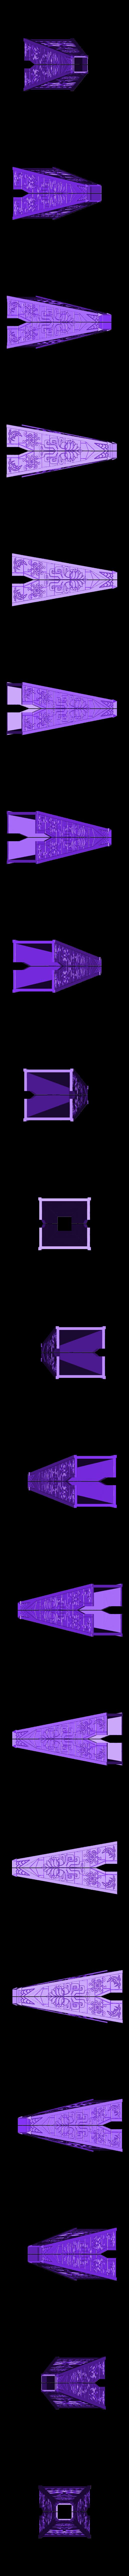 Tower cthulhu side.stl Download free STL file Mechanical Desktop SD-Card Holder • 3D printable model, LittleTup